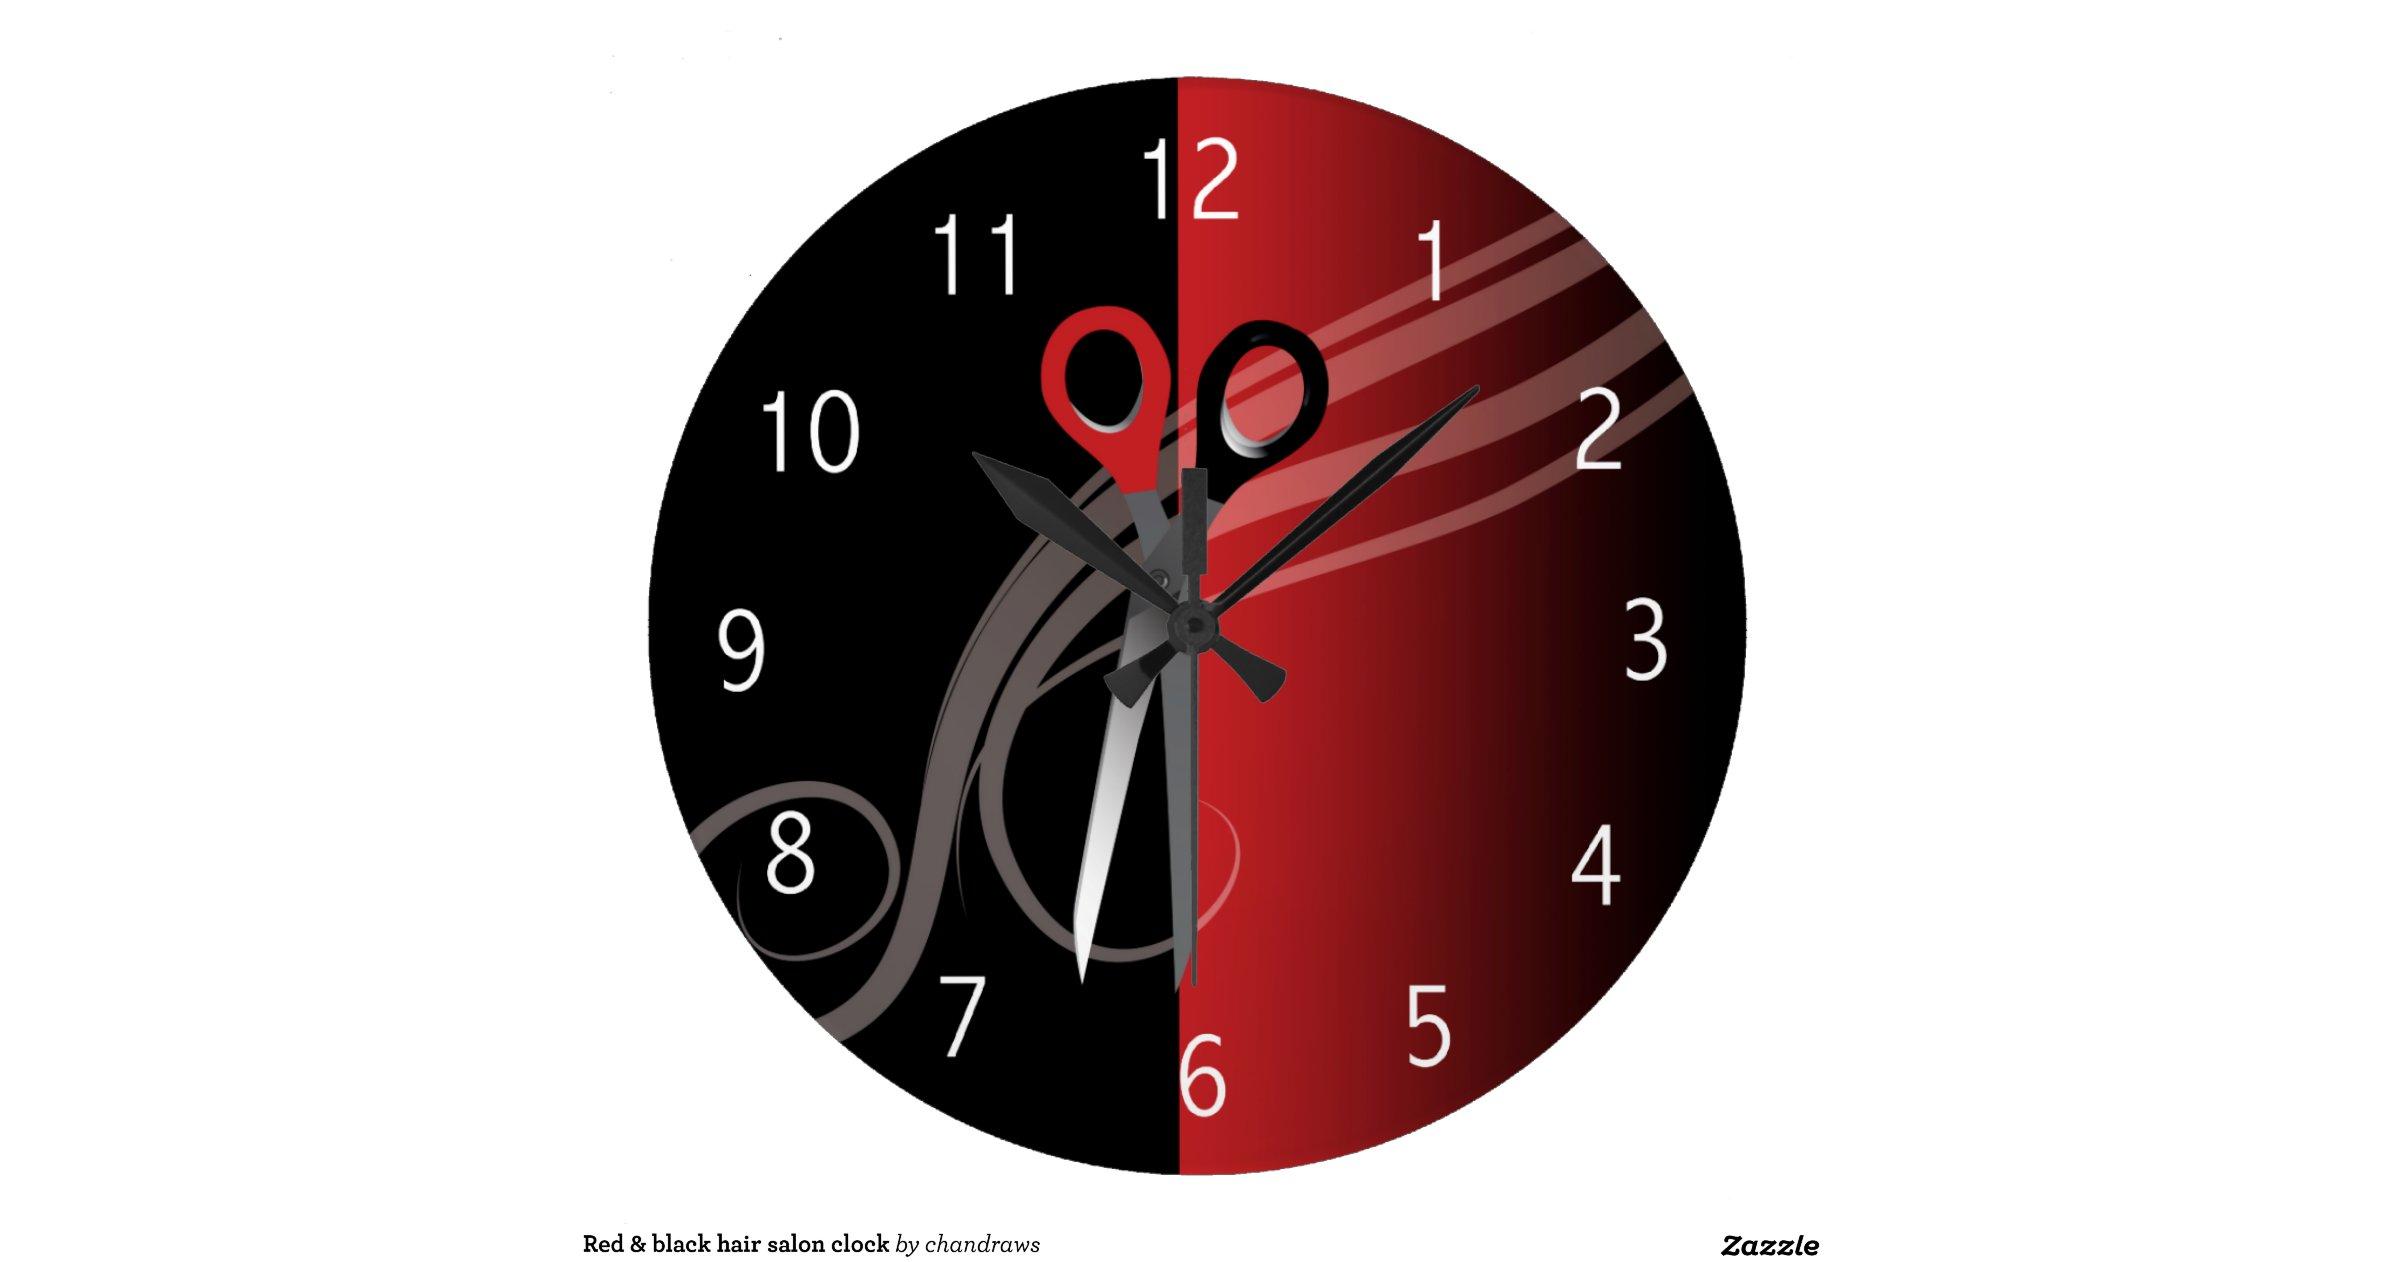 red black hair salon clock. Black Bedroom Furniture Sets. Home Design Ideas